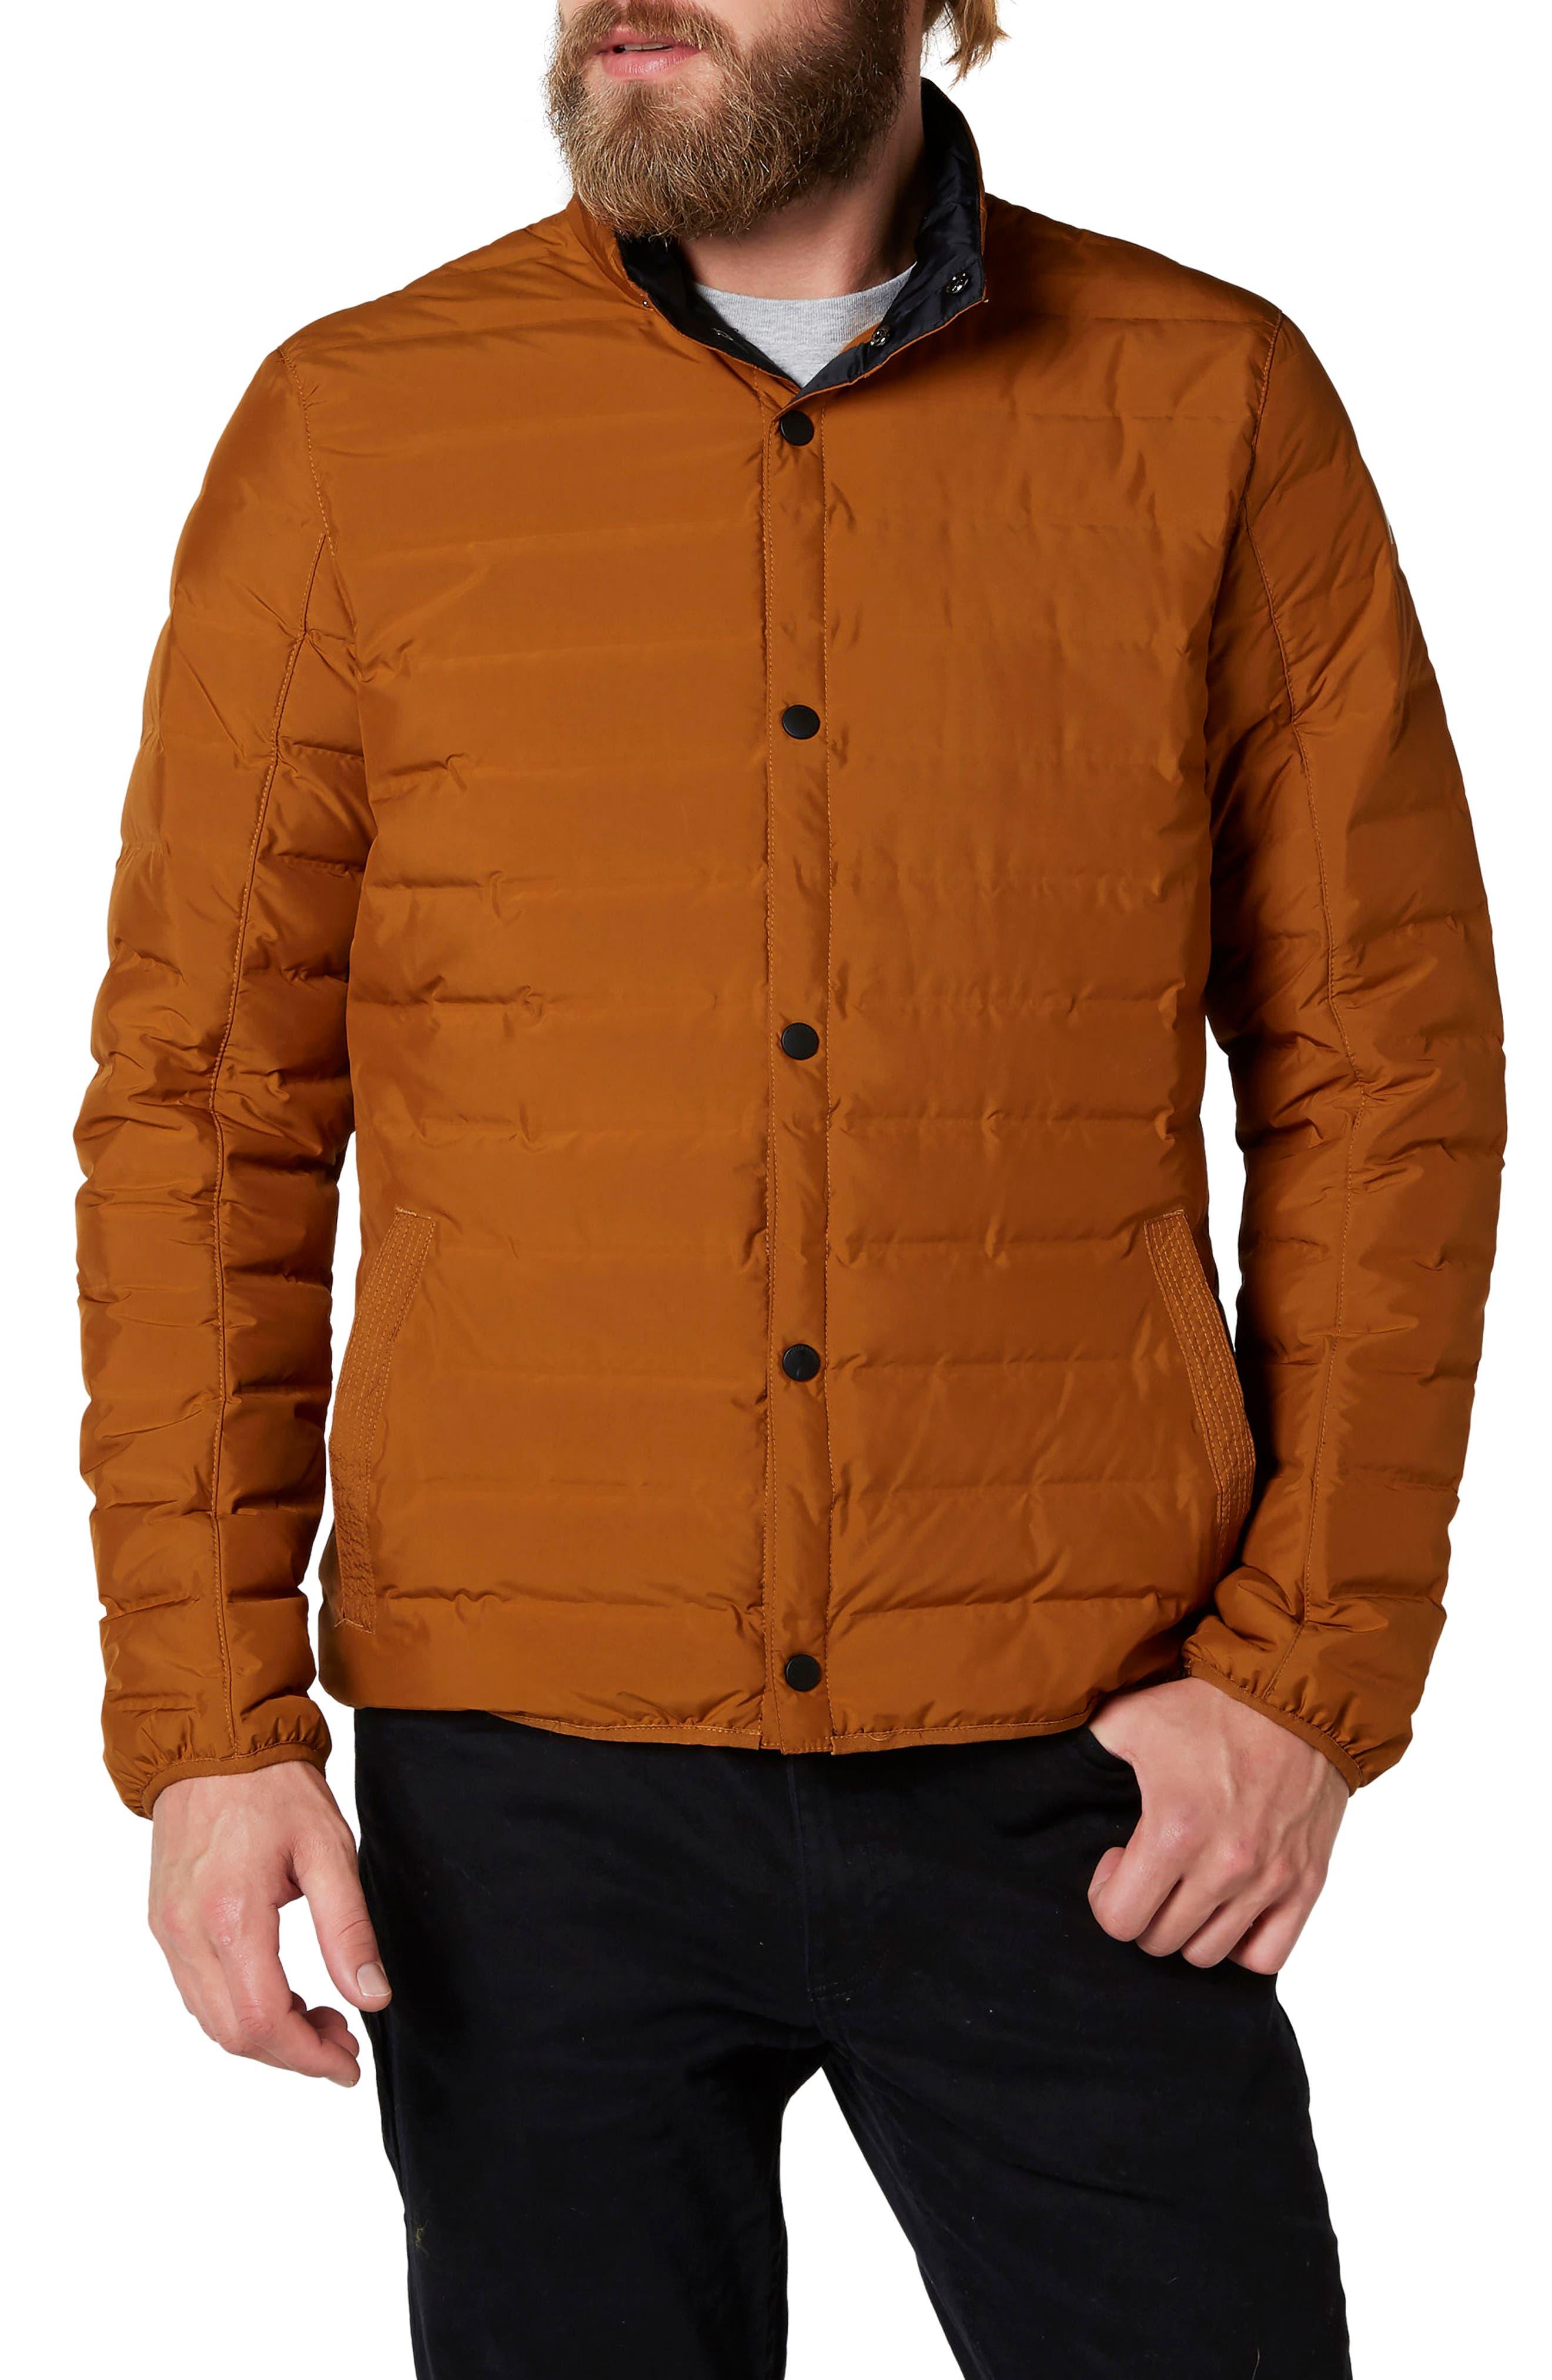 Urban Liner Jacket,                             Main thumbnail 1, color,                             Cinnamon